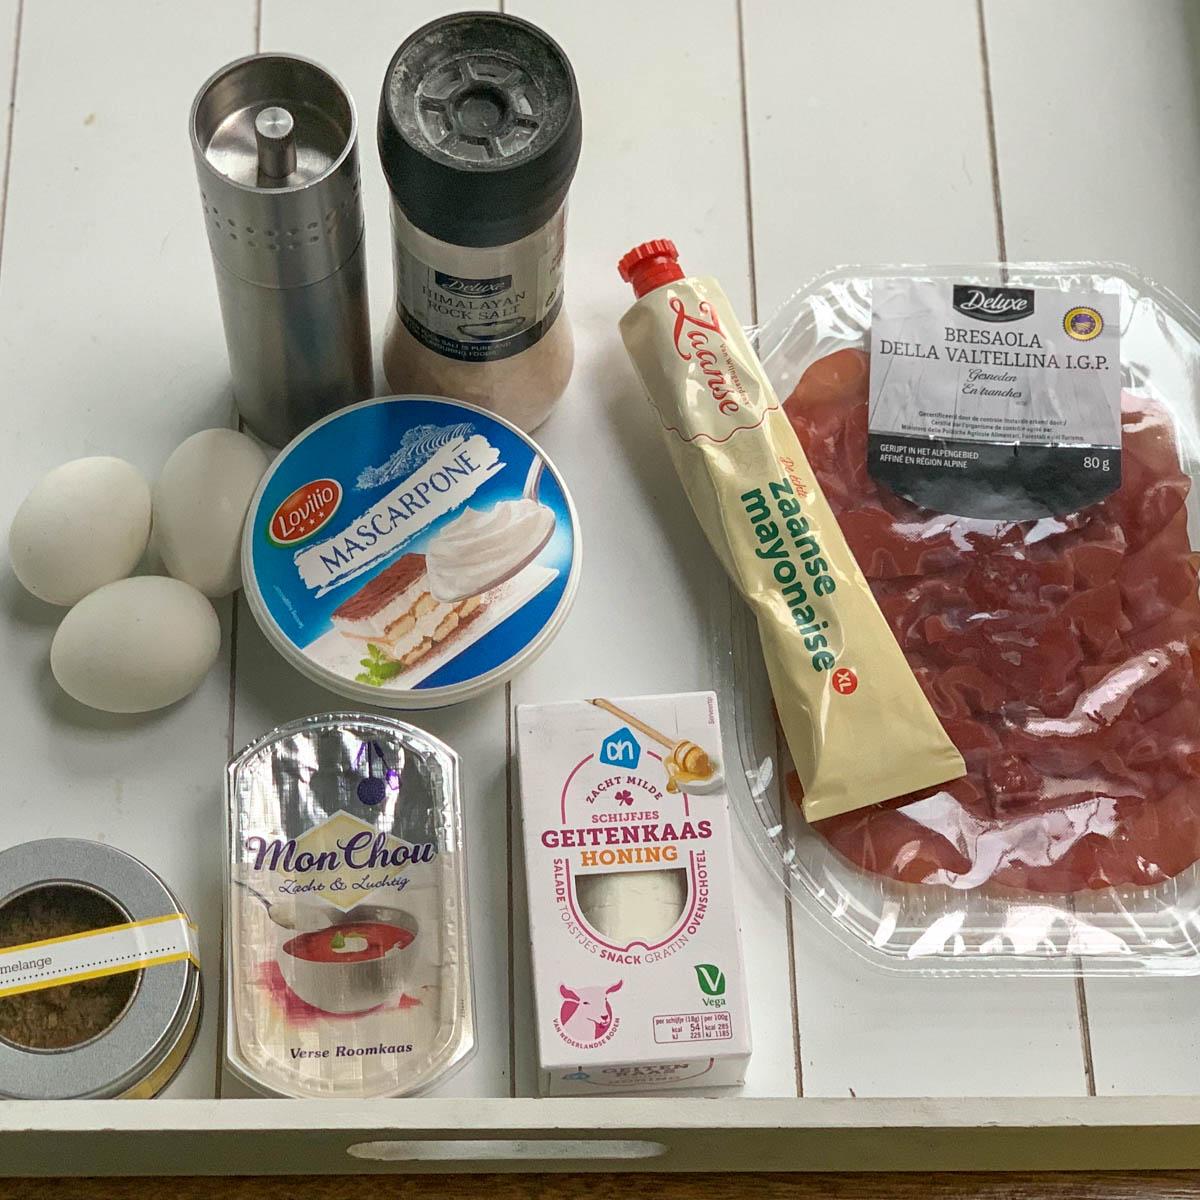 Overige ingrediënten voor groente rolletjes uit de Makkelijke Moestuin